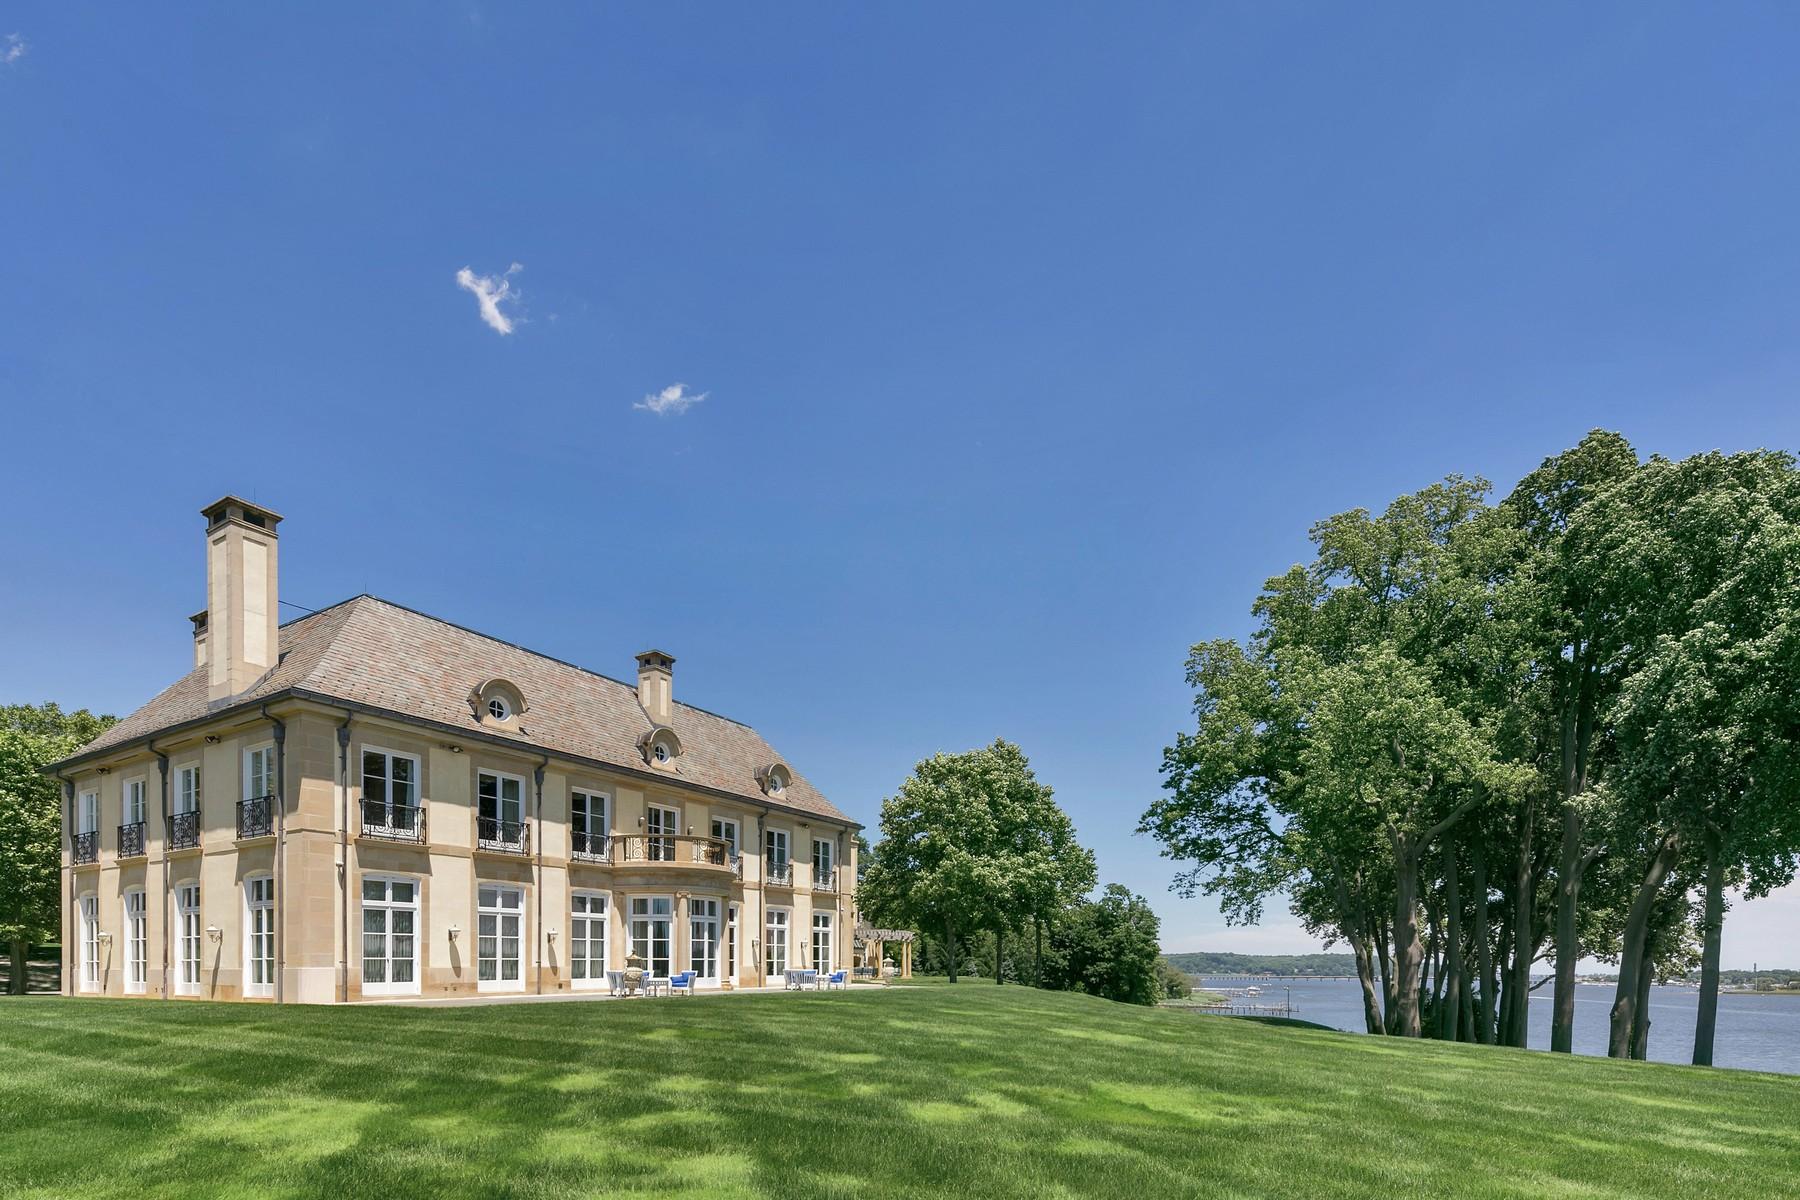 Casa Unifamiliar por un Venta en Robert A.M. Stern Masterpiece Middletown, Nueva Jersey 07748 Estados Unidos